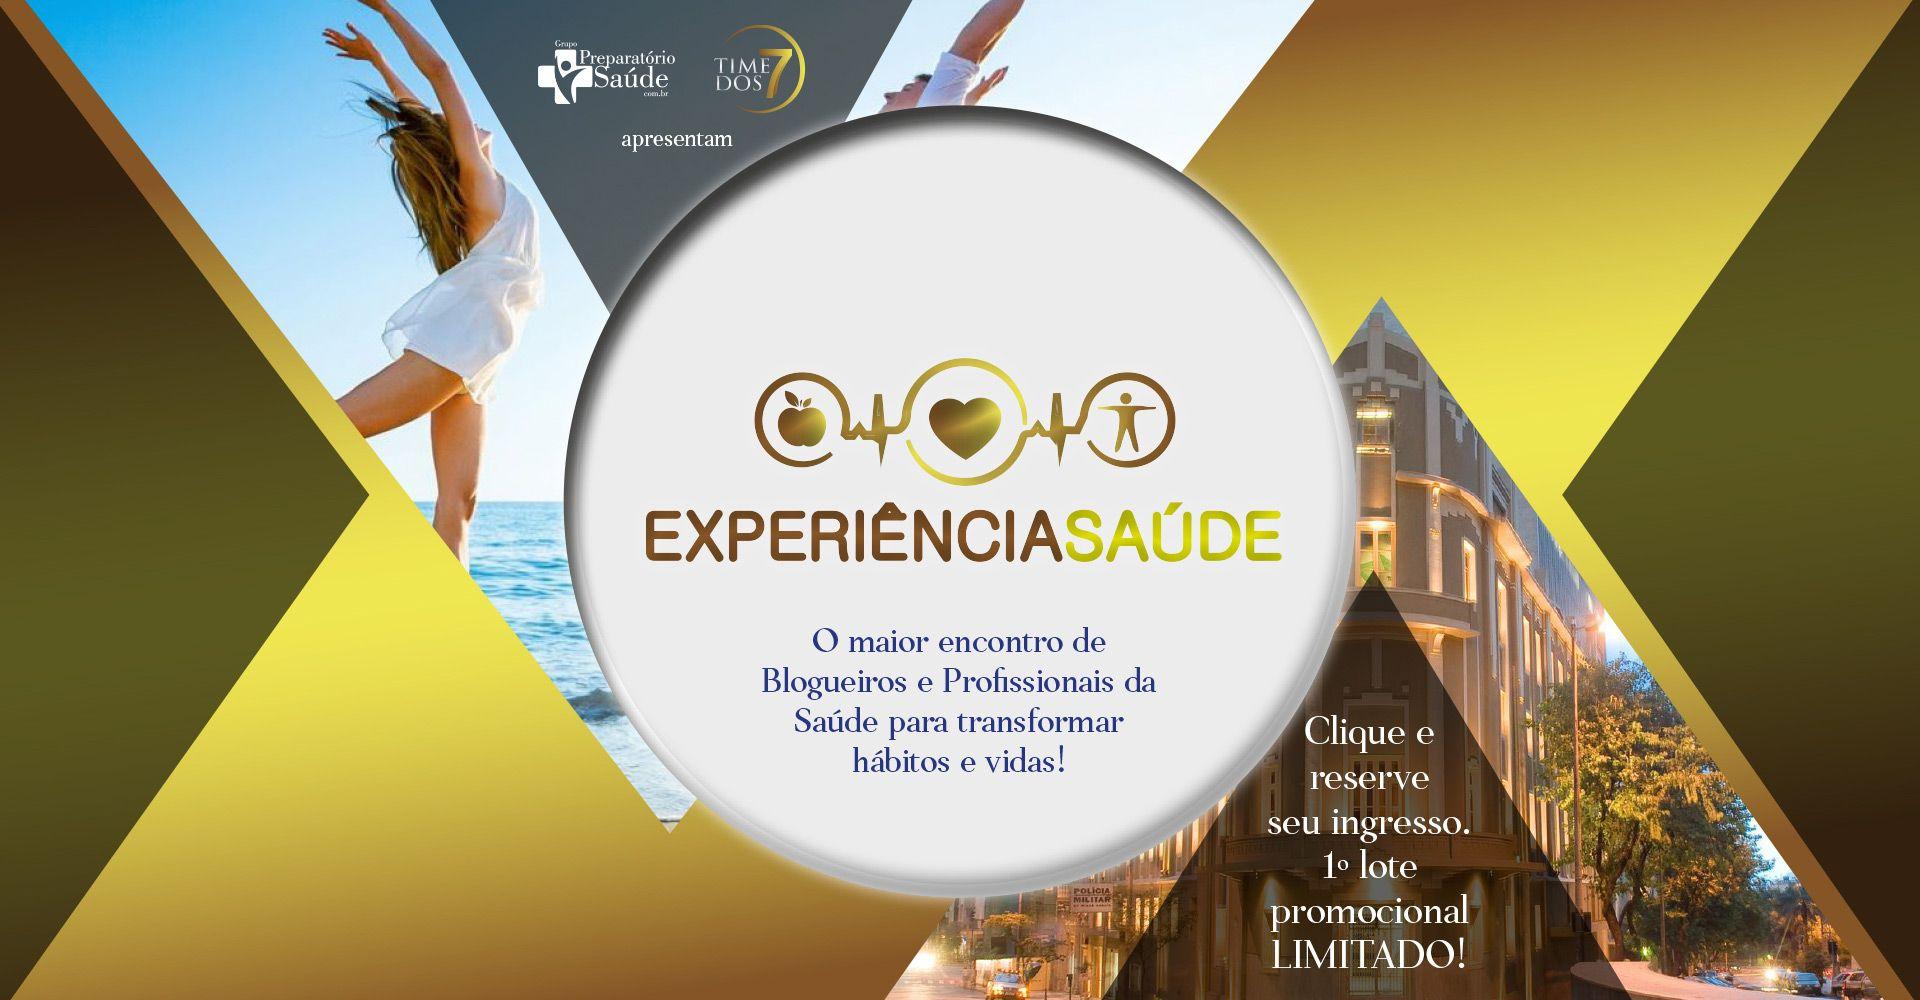 EXPERIÊNCIA SAÚDE: Do Instagram para o Palco! Encontro com Profissionais da Saúde Influenciadores Digitais - Volume 01: EMAGRECIMENTO - Museu Inimá de Paula, 27-01, Belo Horizonte